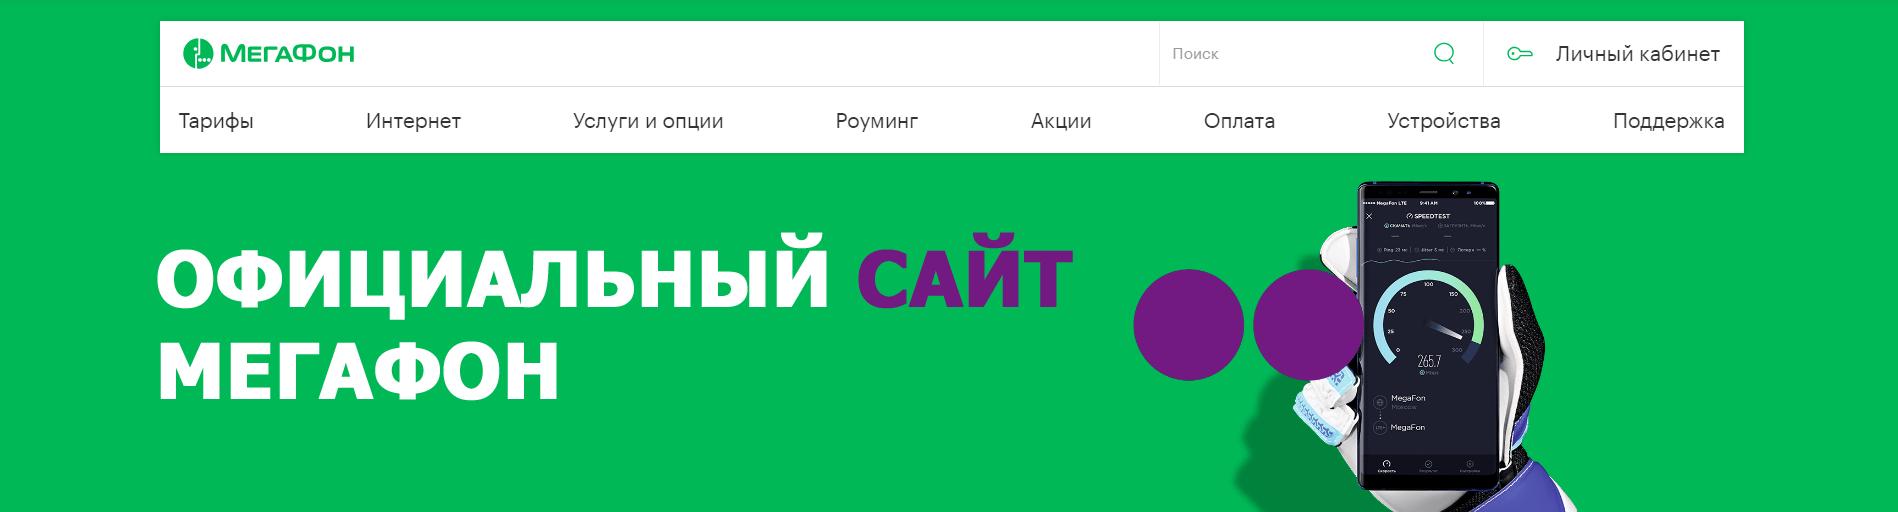 Мегафон официальный сайт в интернете